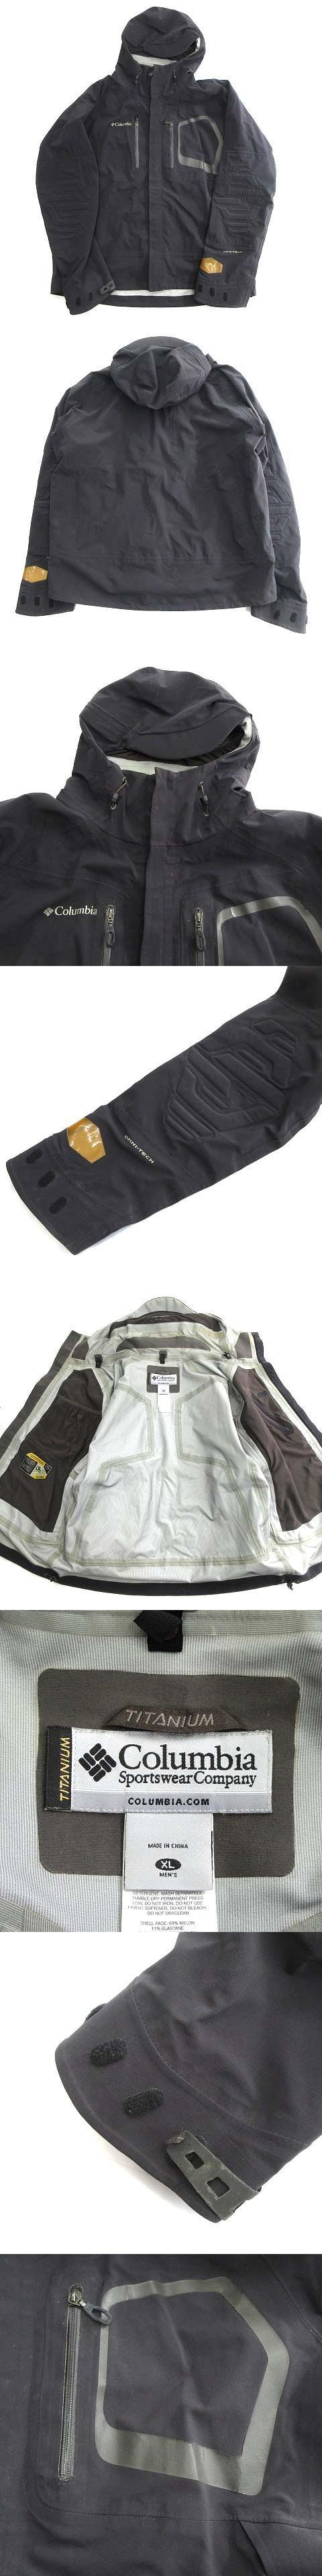 マウンテンパーカー ジャケット ブルゾン ロゴ アウトドア XL 黒 ブラック メンズ ◇3